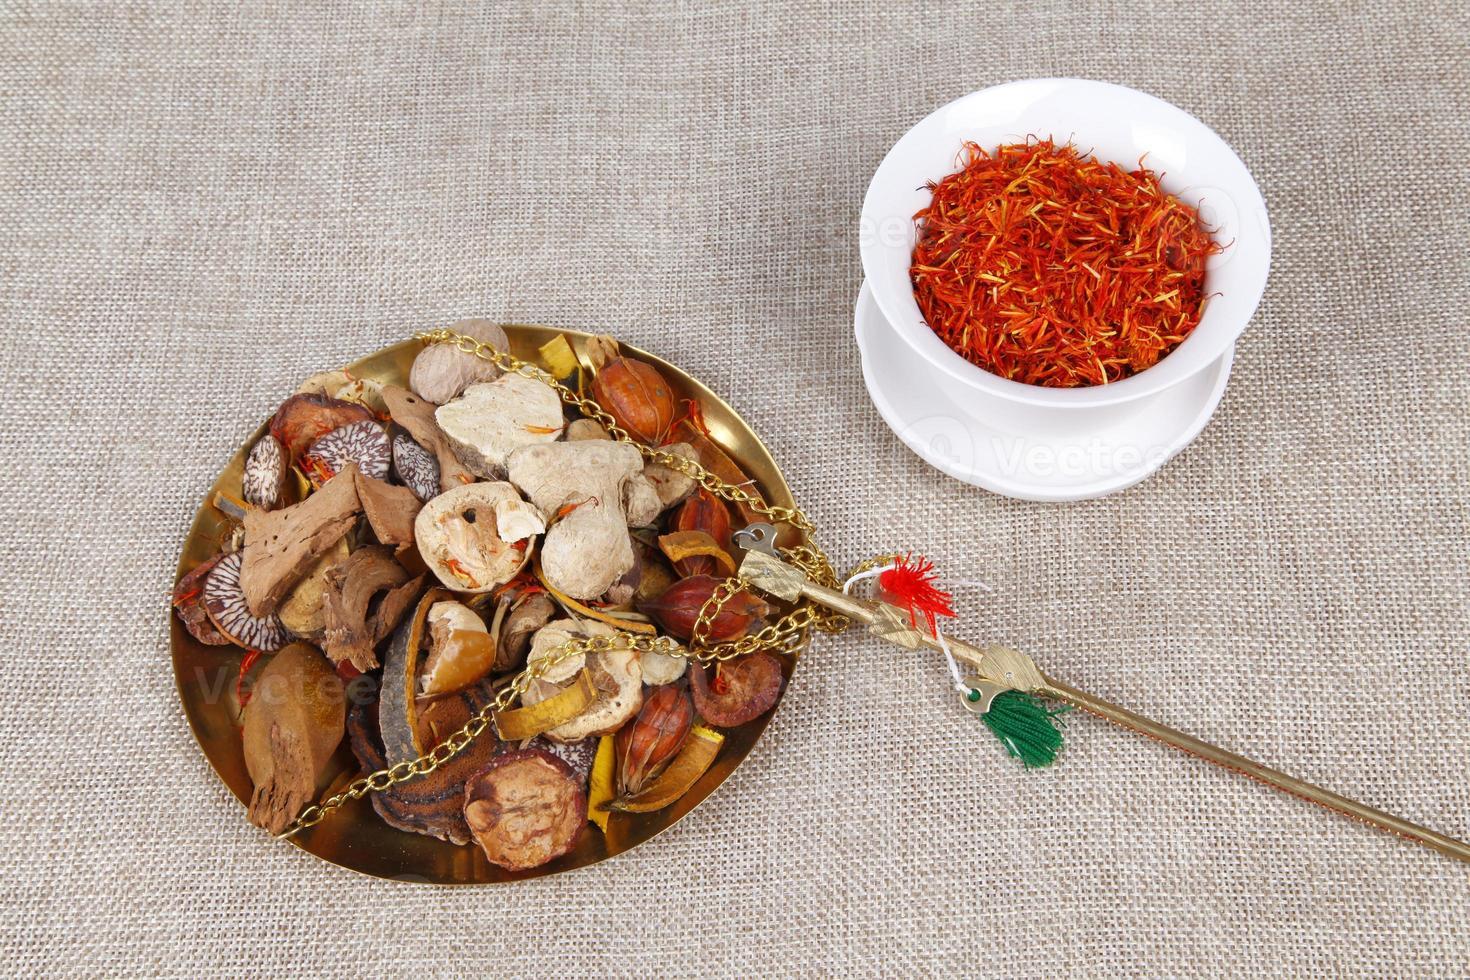 medicina tradizionale cinese (tcm), primo piano foto